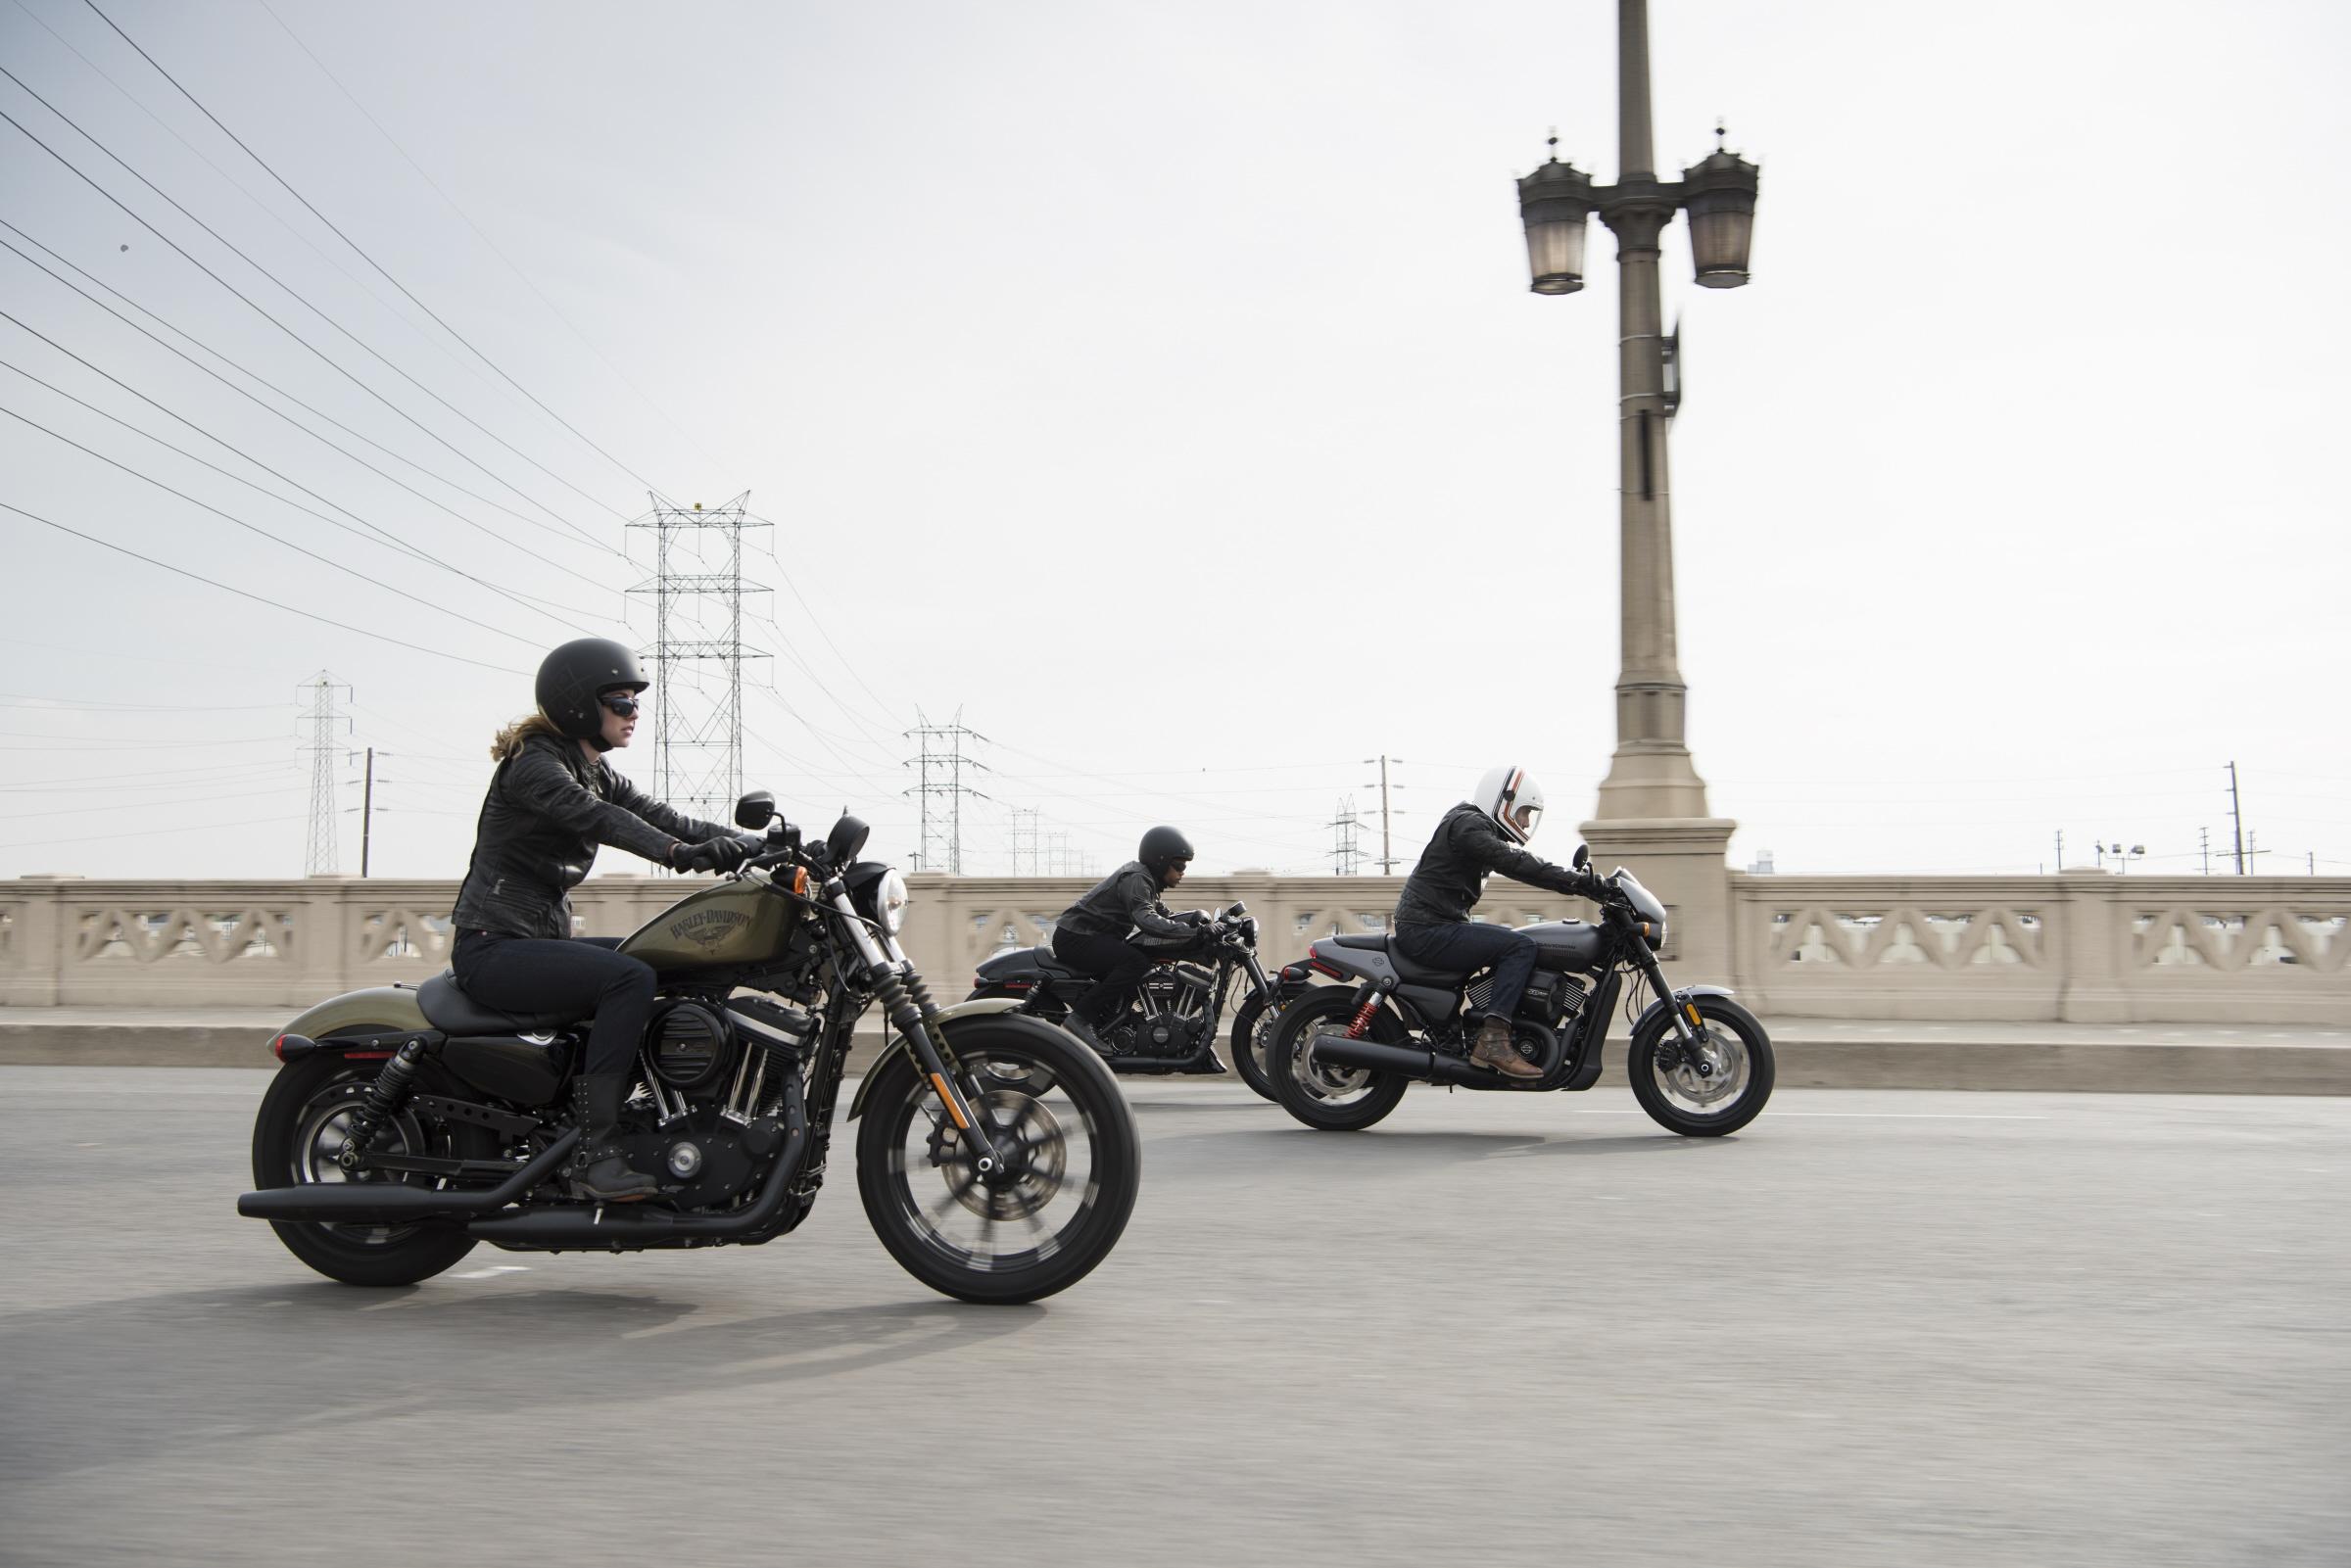 Harley Davidson Street 750 ganha versão mais esportiva e jovem. Street Rod tem alterações no motor, posição de pilotagem, freio e design.